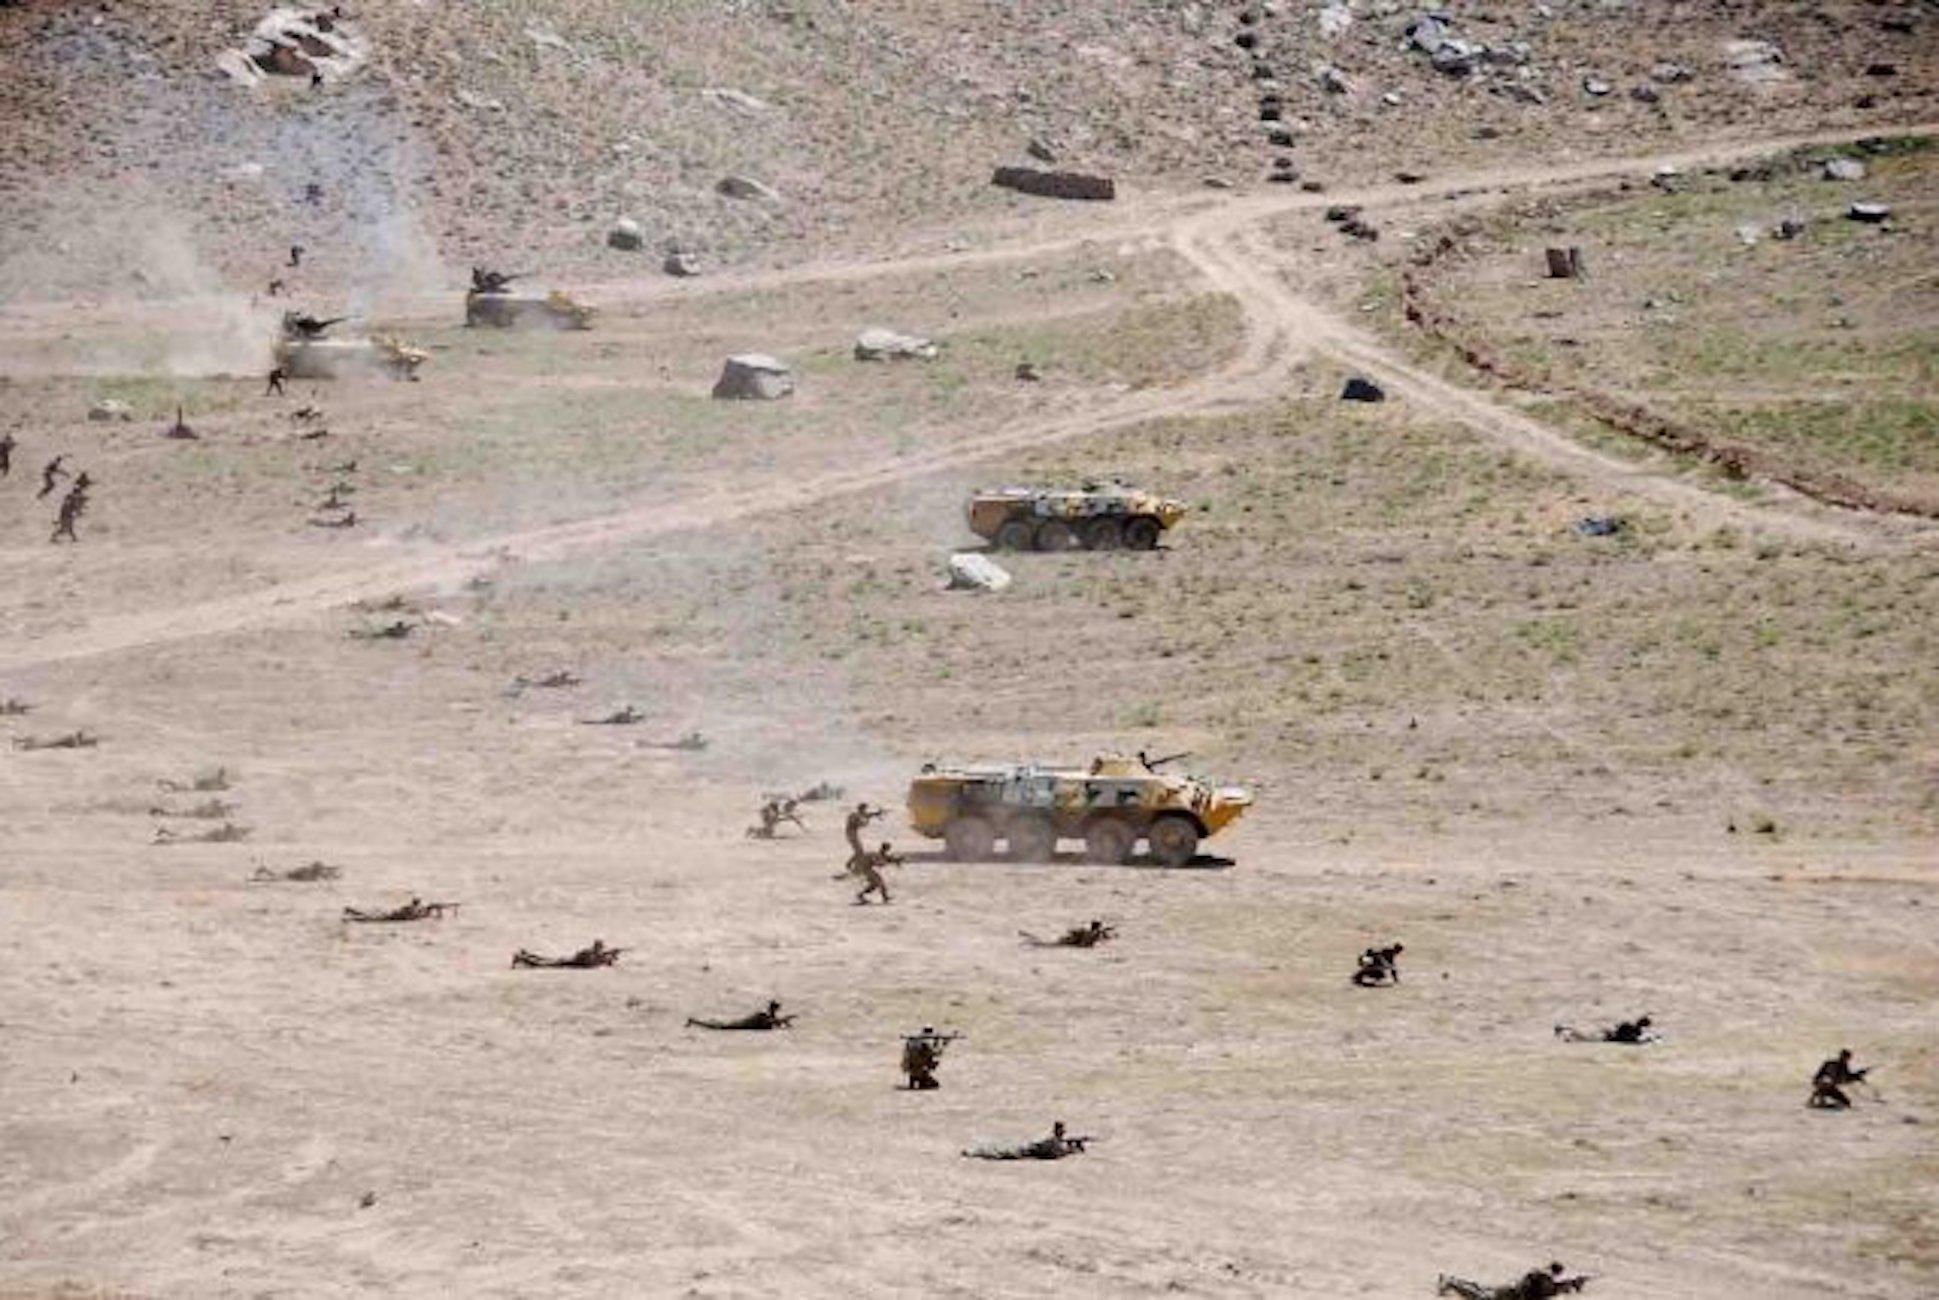 Таджикские войска проходят обучение в долине Ромит Вахдатского района. Осень 2016 года. [Предоставлено Министерством обороны Таджикистана]